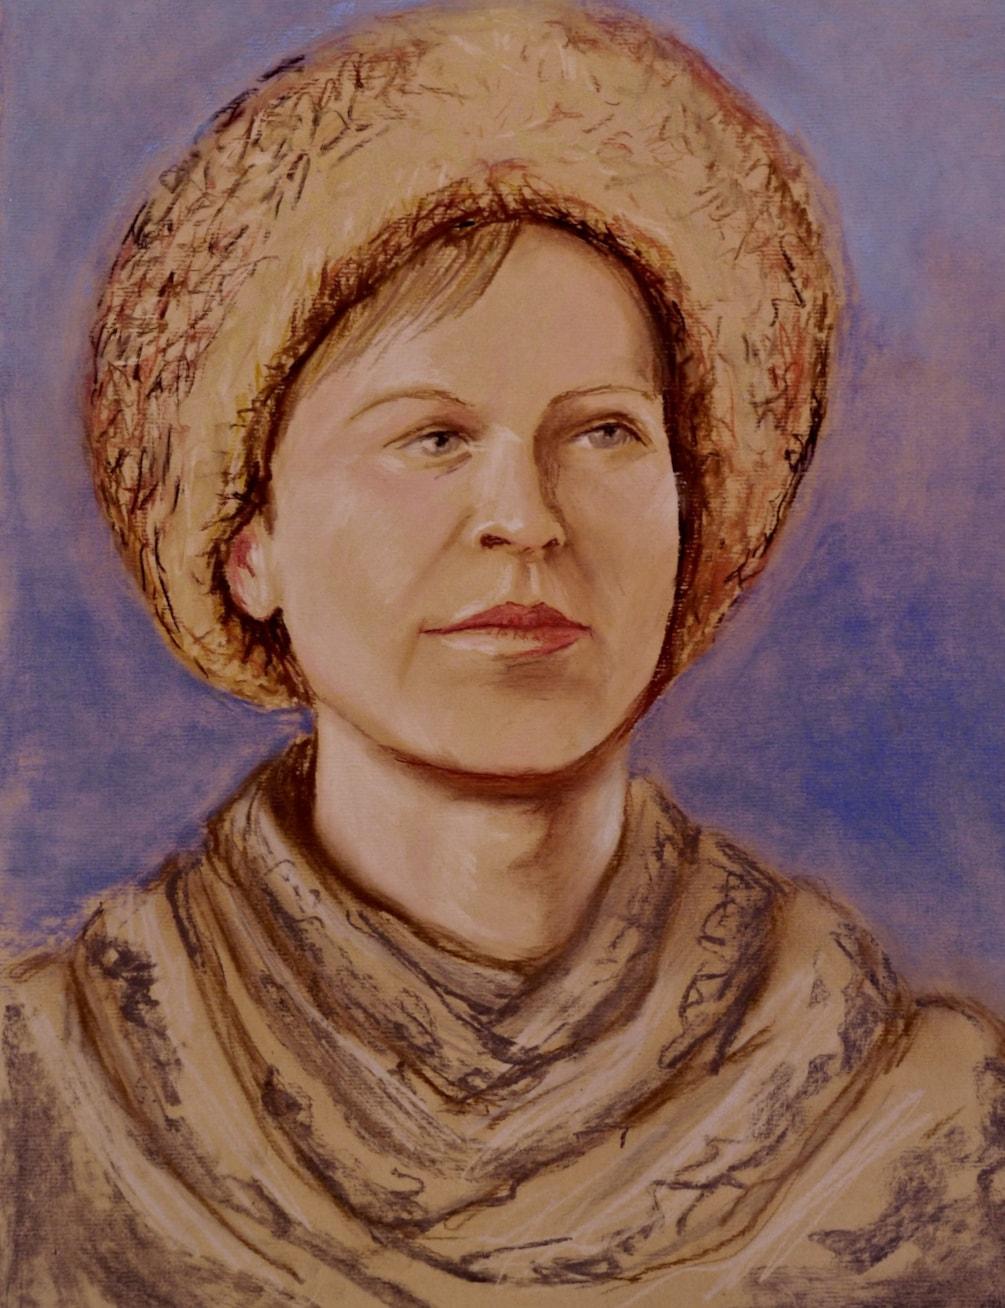 Dagmar in her sheepskin hat